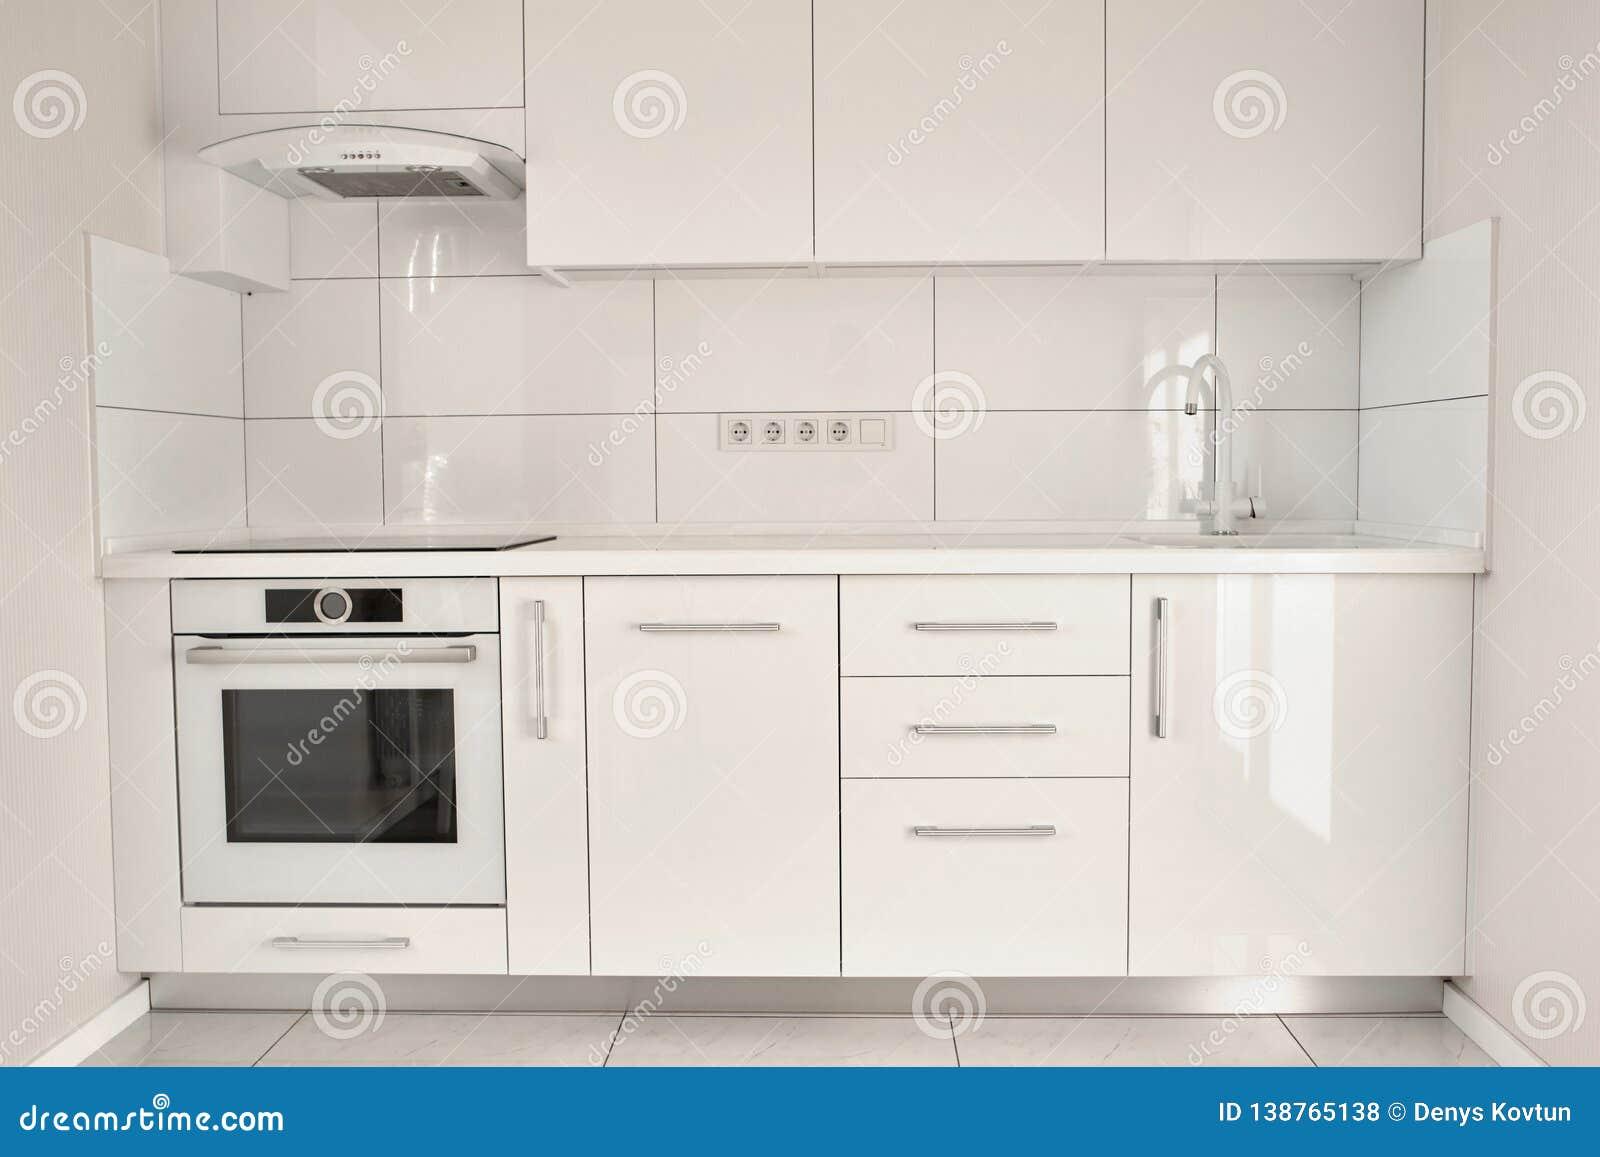 Deco Cuisine Contemporaine Blanche cuisine moderne blanche dans l'appartement contemporain